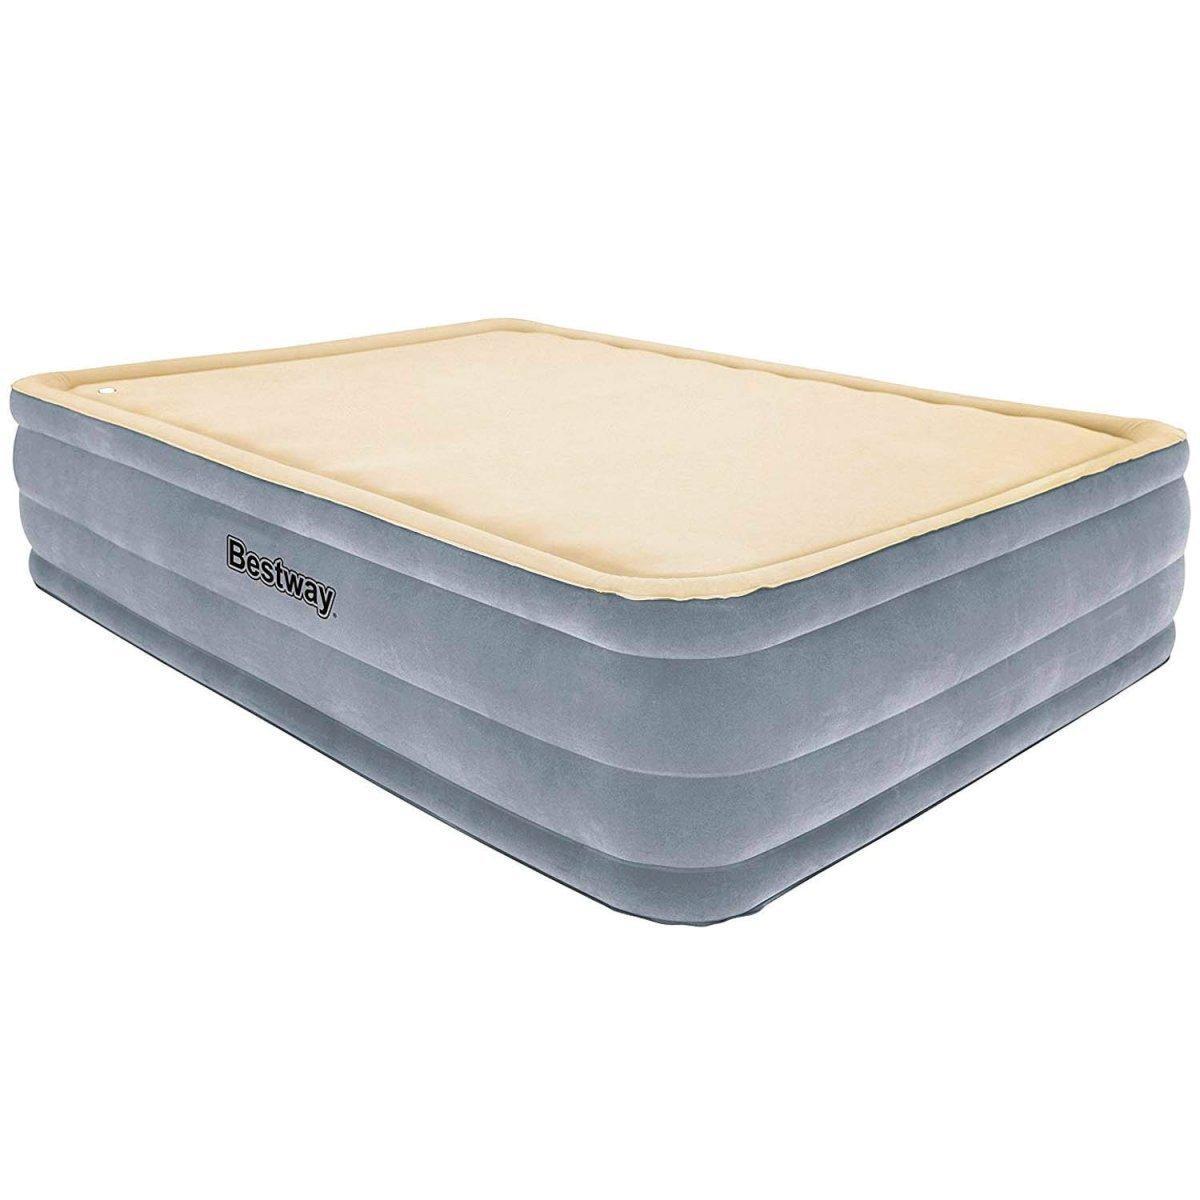 Двухспальная надувная кровать со встроенным электронасосом Bestway 67486 (размер 203-152-46 см)